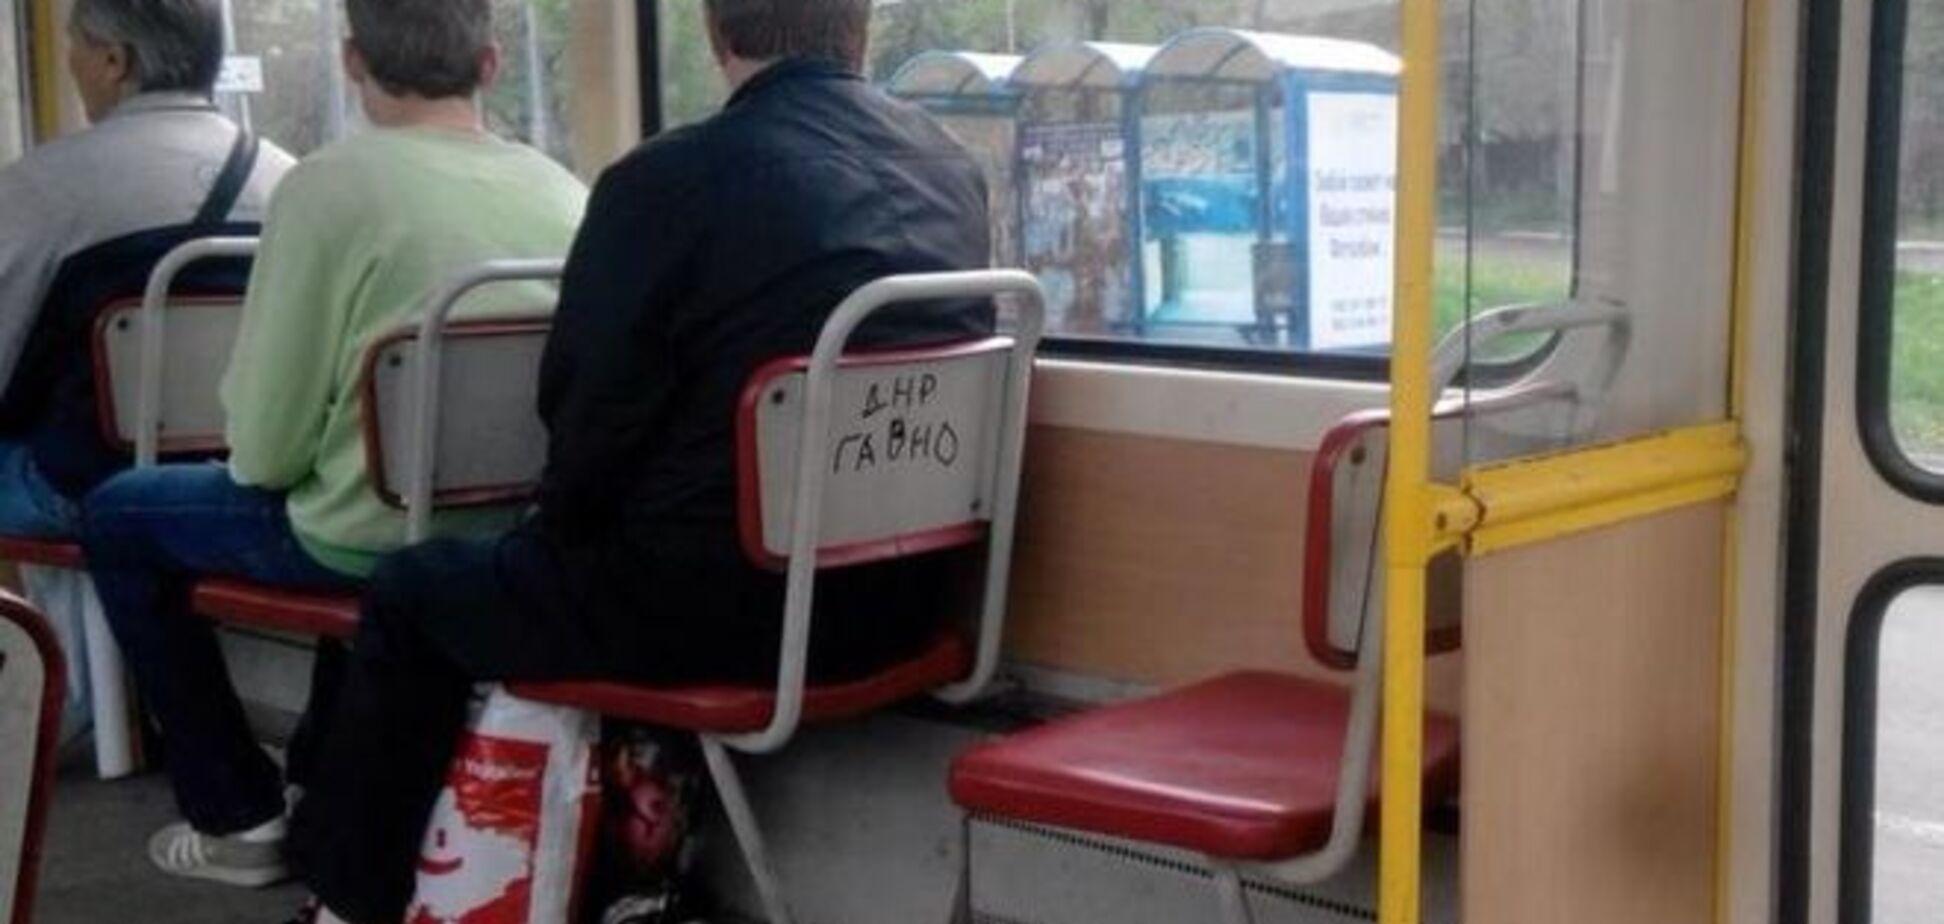 'Як ви дістали!': У Донецьку пасажири маршрутки 'напали' на терористів